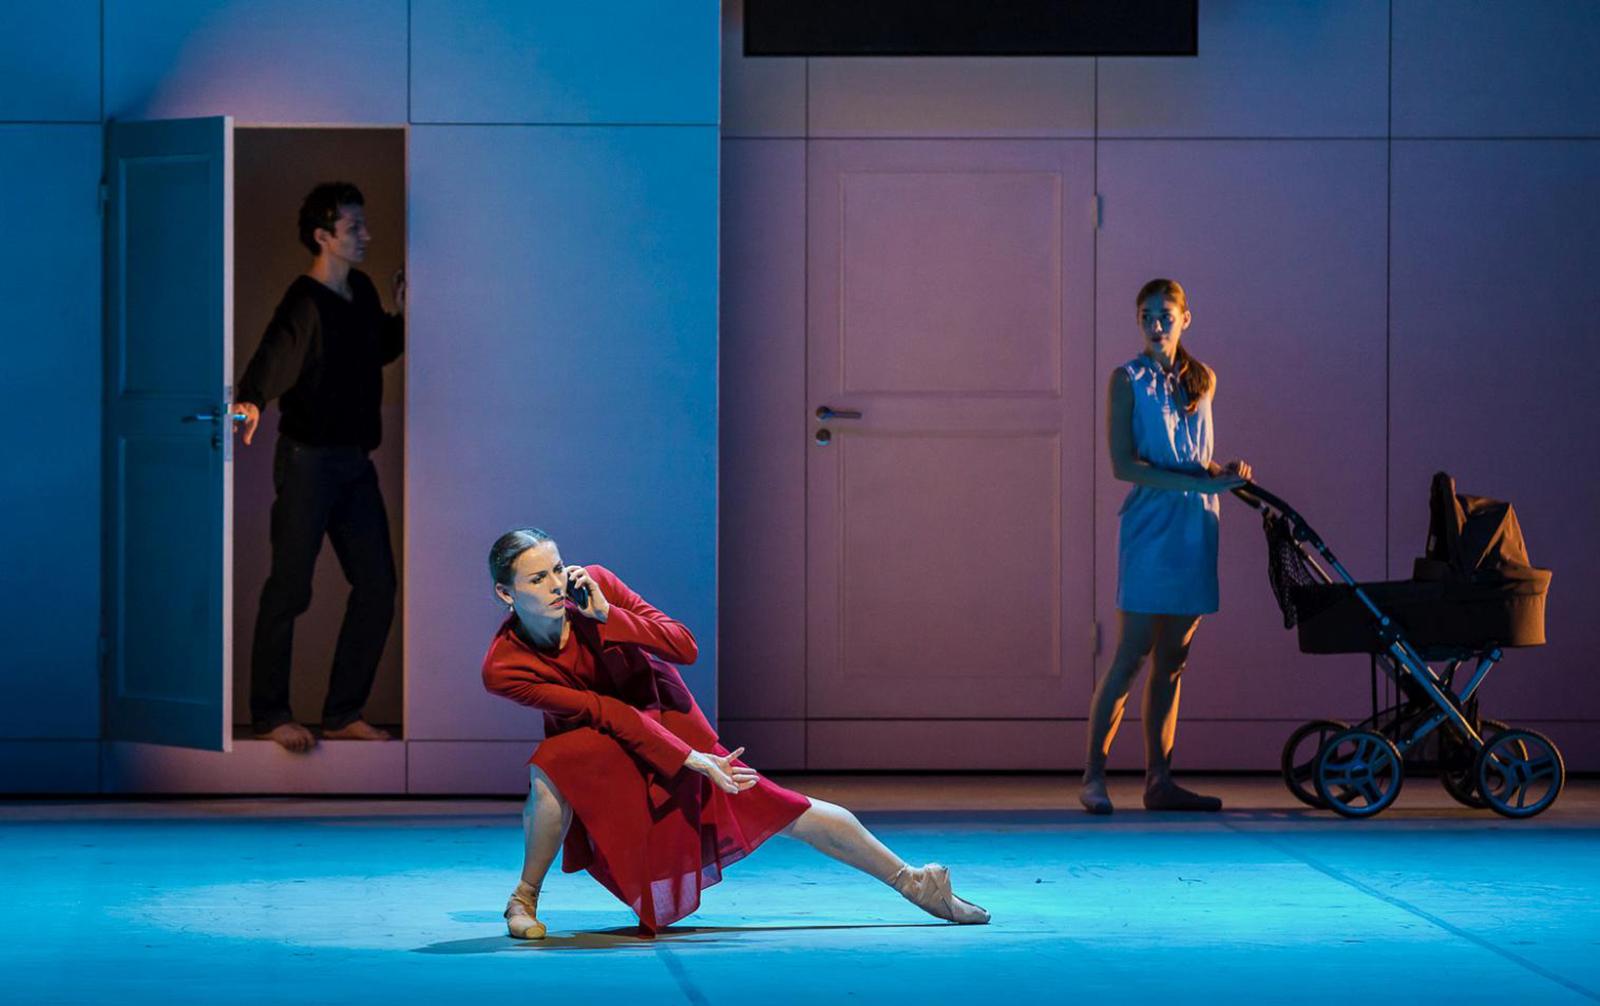 Сколько стоит балет «Анна Каренина» в Большом:  зачем Левину трактор за 2 млн рублей